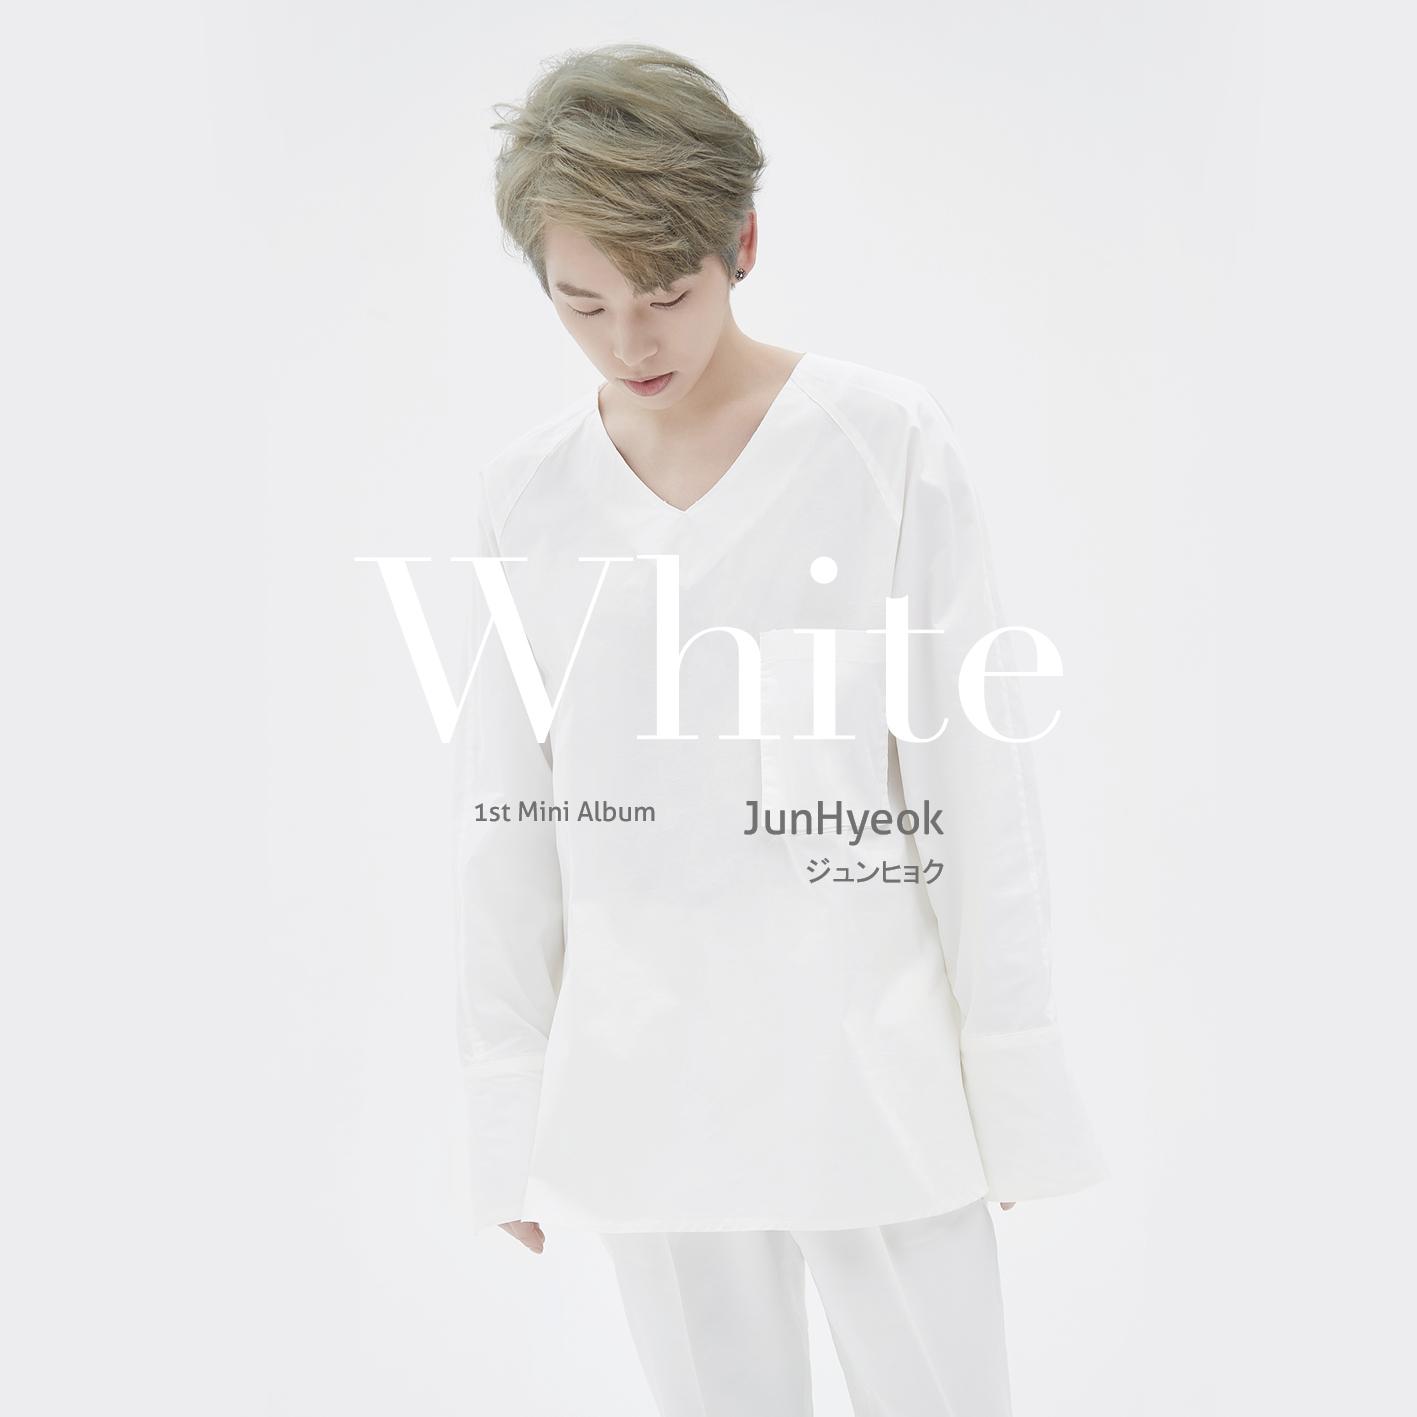 JunHyeok 1st Mini Album 「White」 5/31 発売決定‼